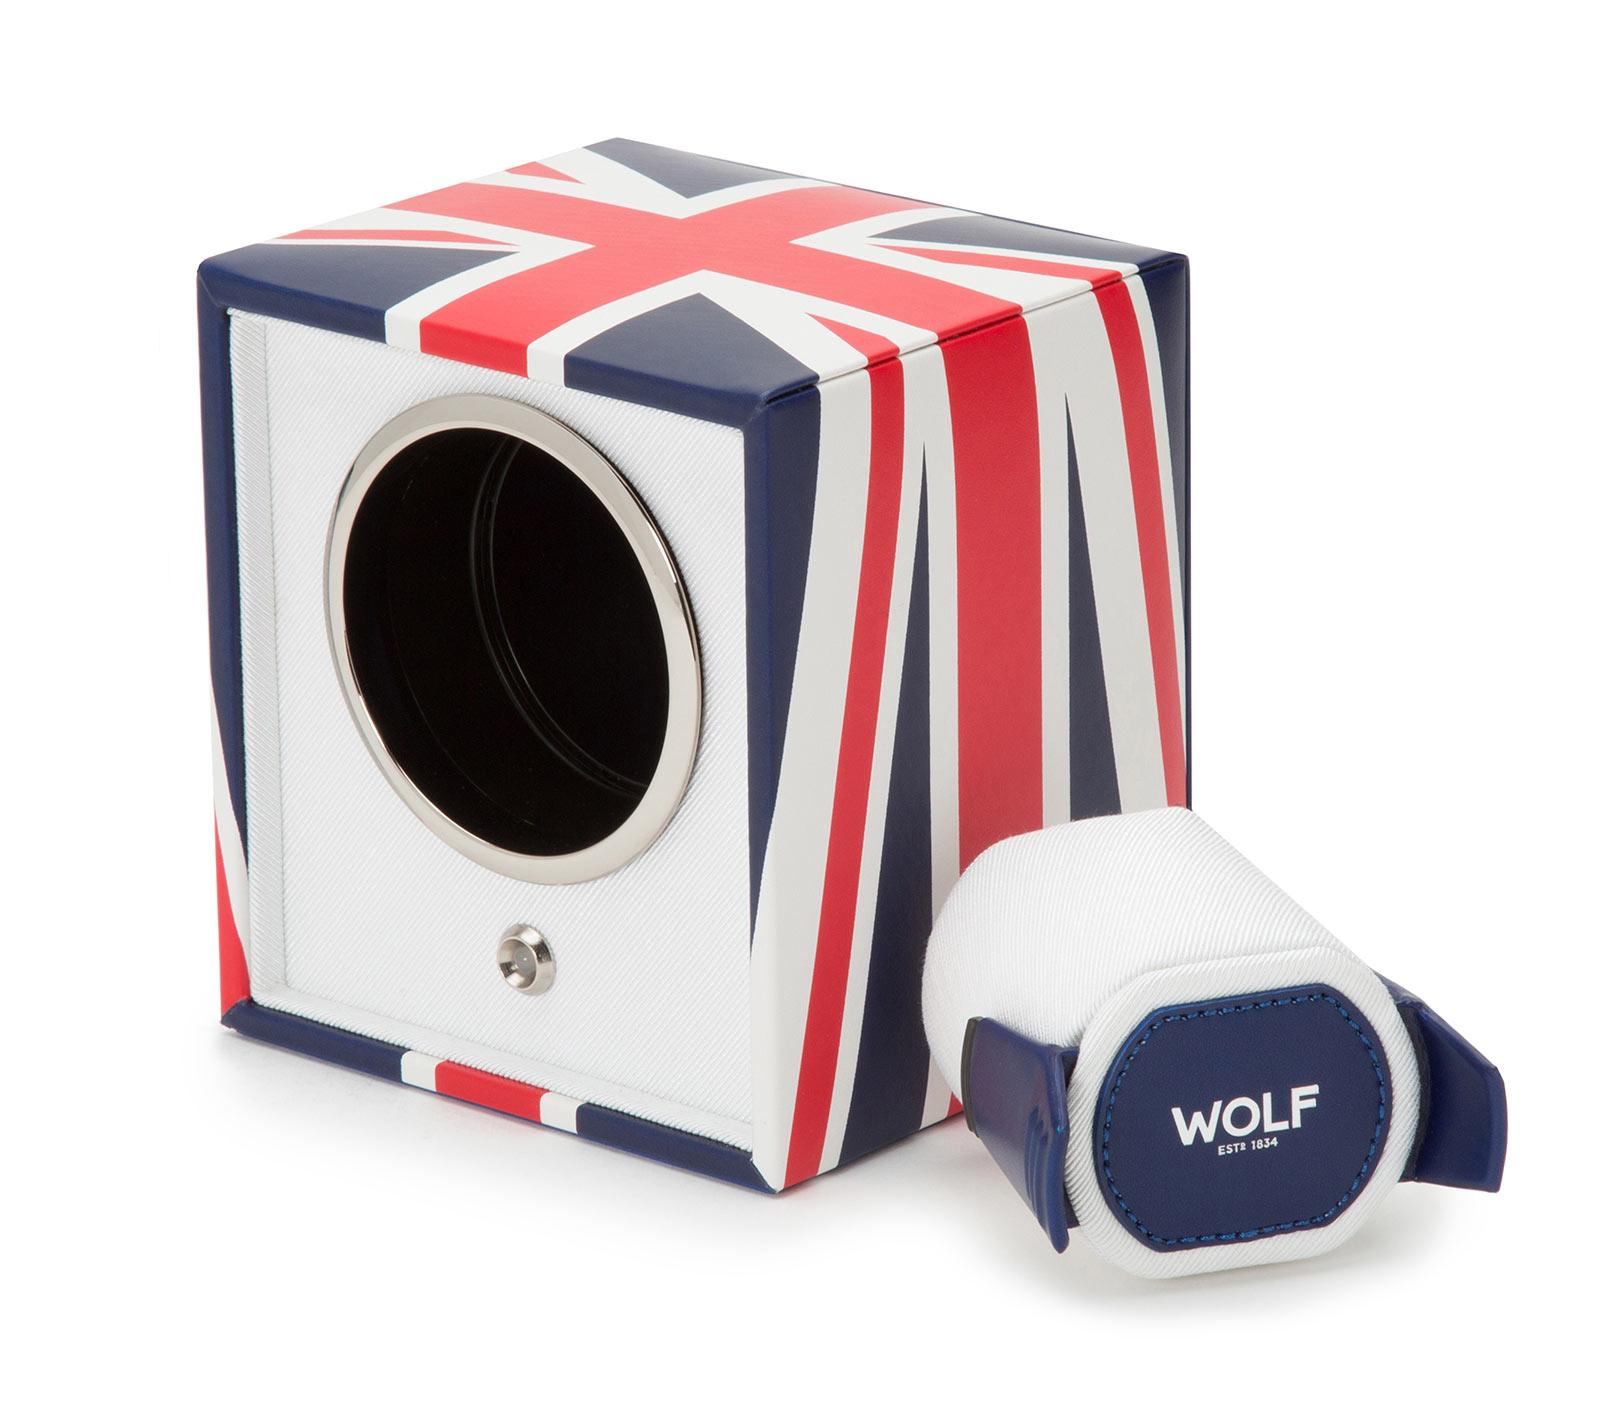 WOLF 462404 Шкатулка для автоподзавода часов  из коллекции Navigator сочетает в себе практичность экокожи и лимитированный дизайн